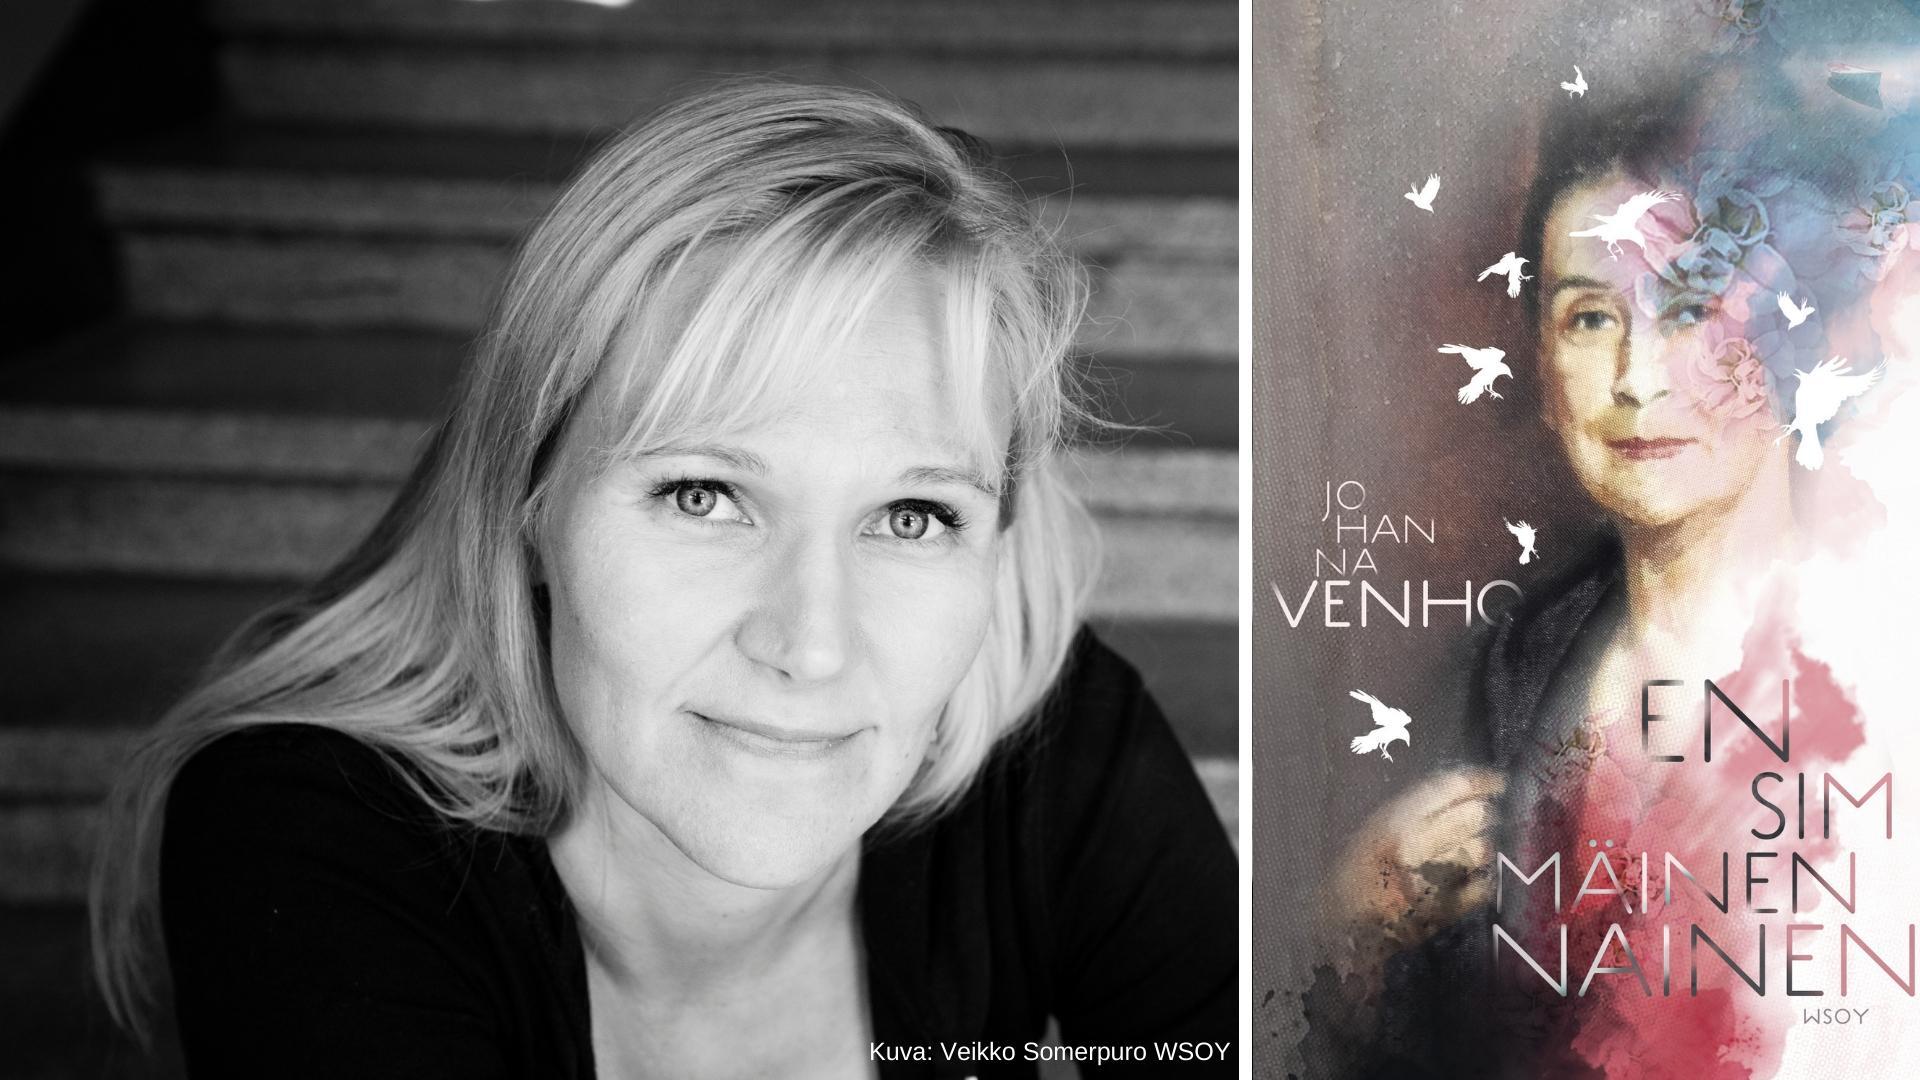 Johanna Venho, Ensimmäinen nainen kansikuvassa Sylvi Kekkonen